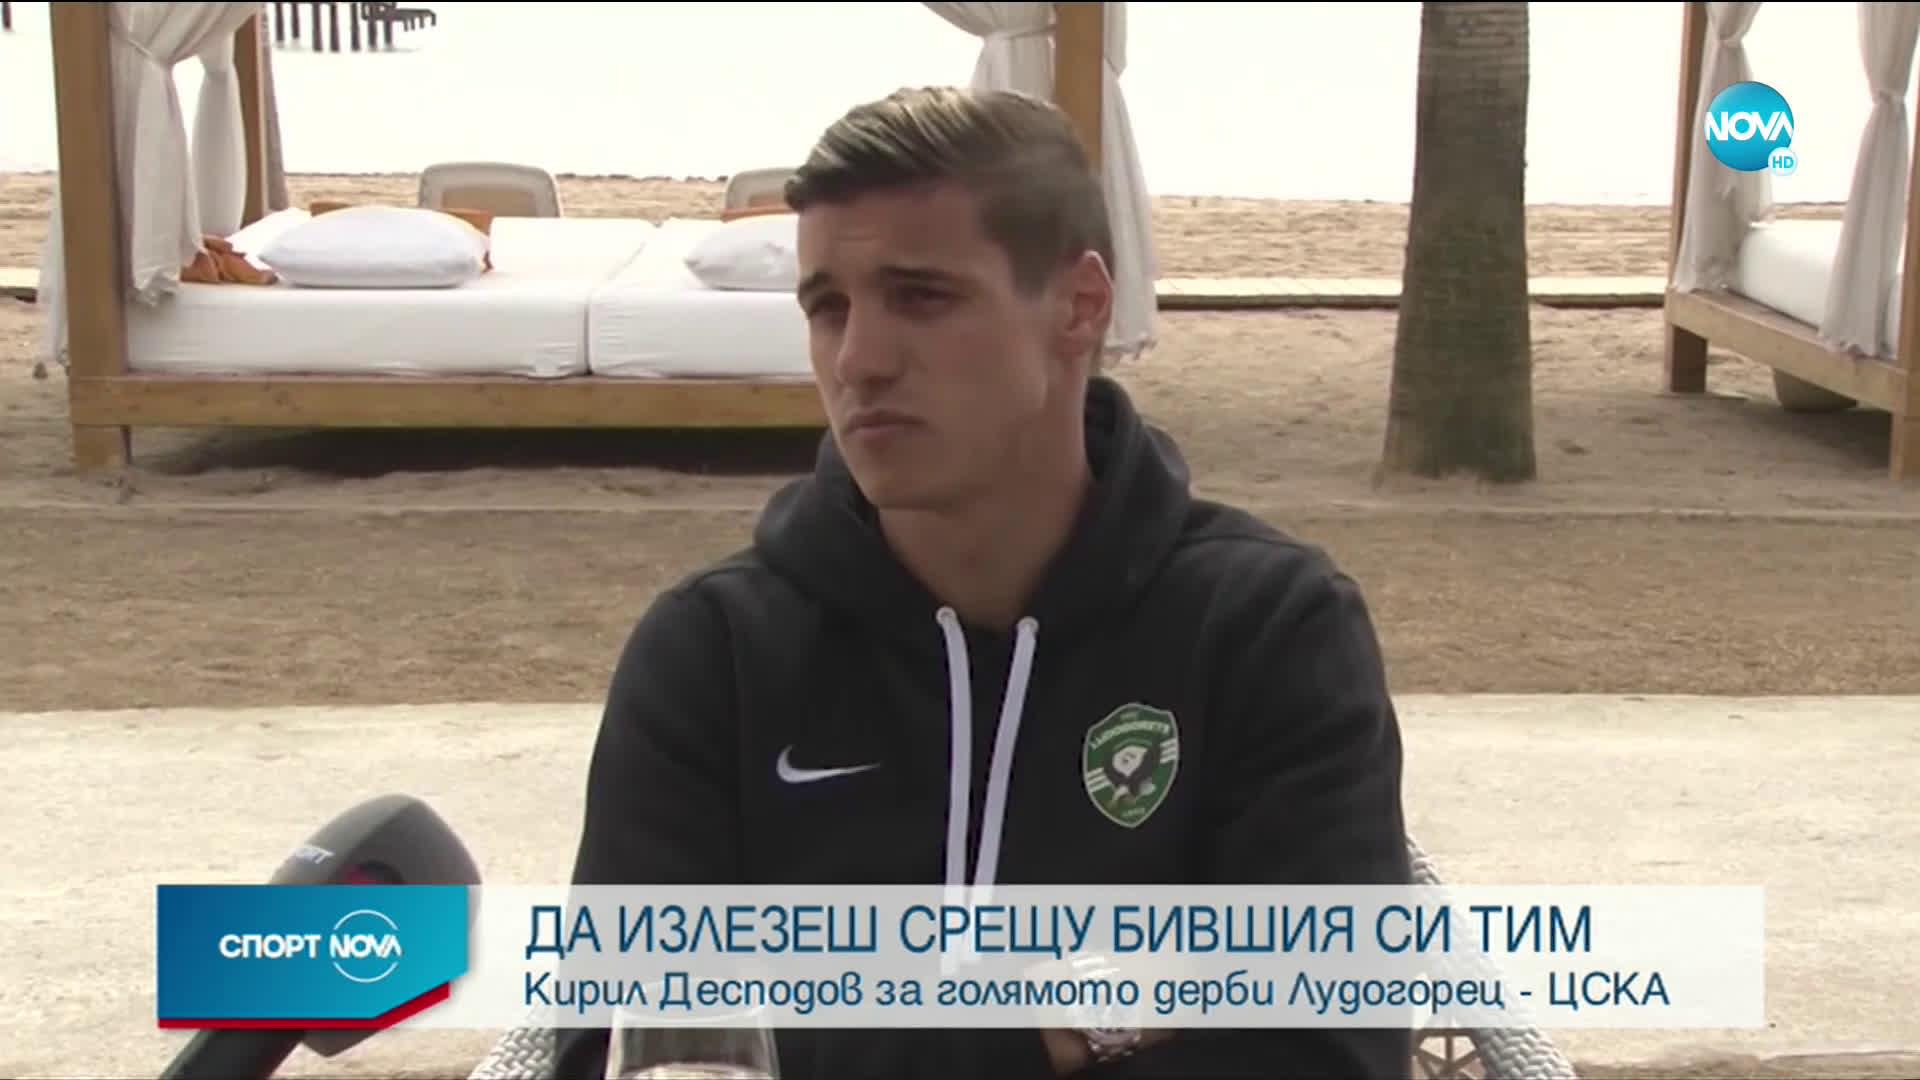 Ето какво каза Десподов за мача с ЦСКА